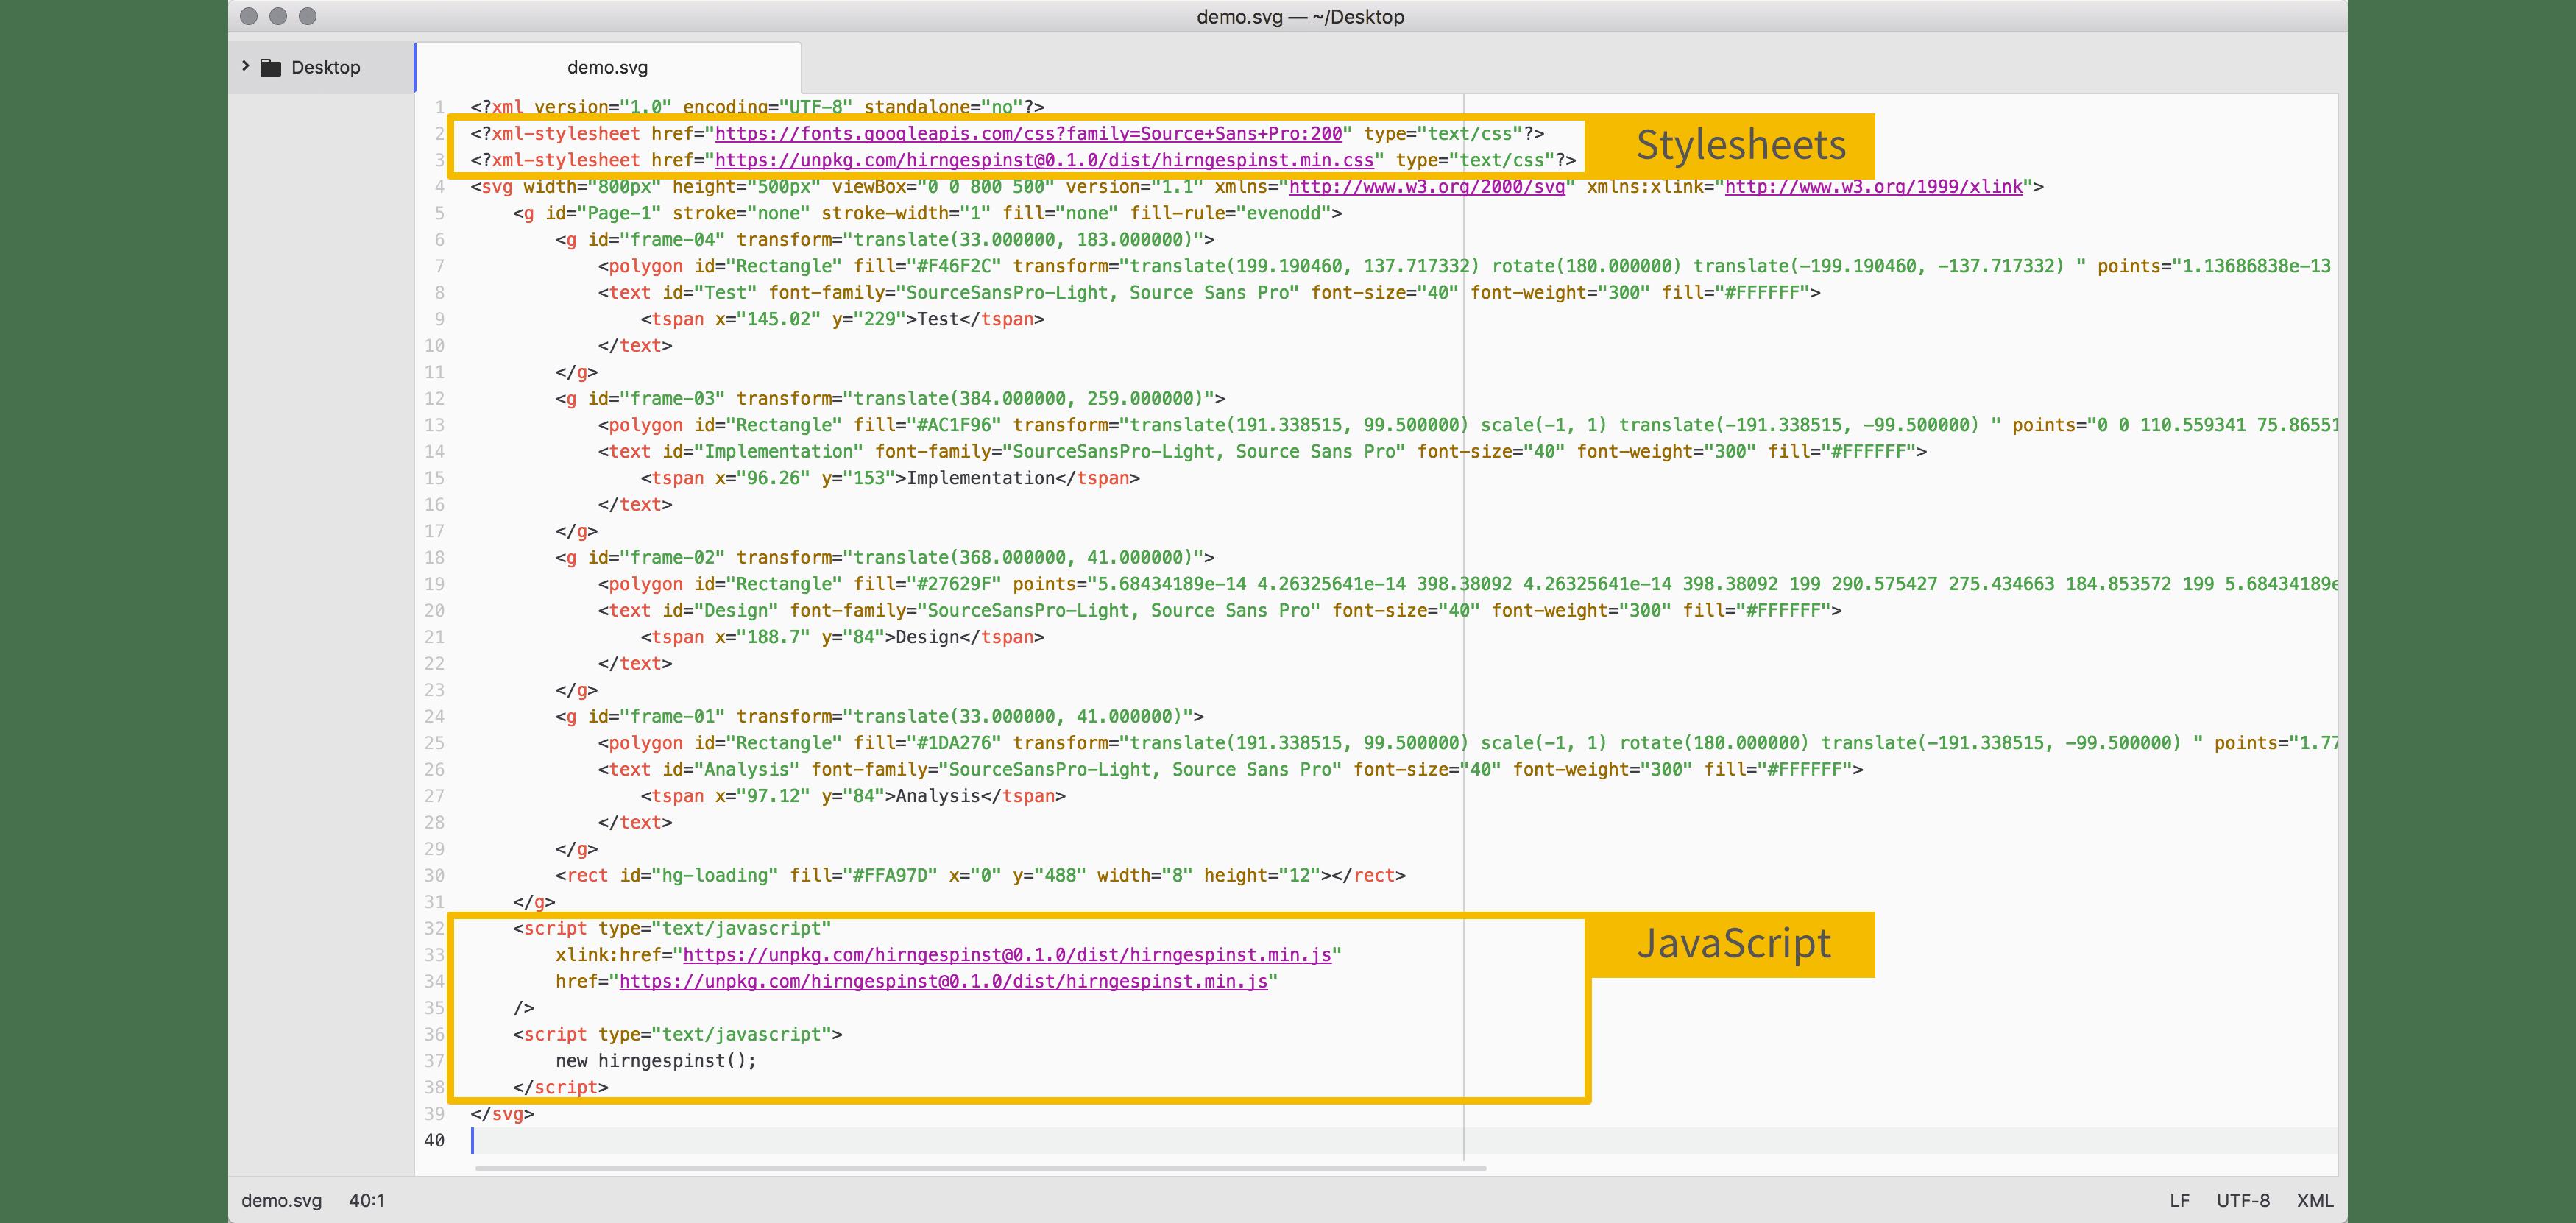 Einfügen von Webfont, CSS und JavaScript